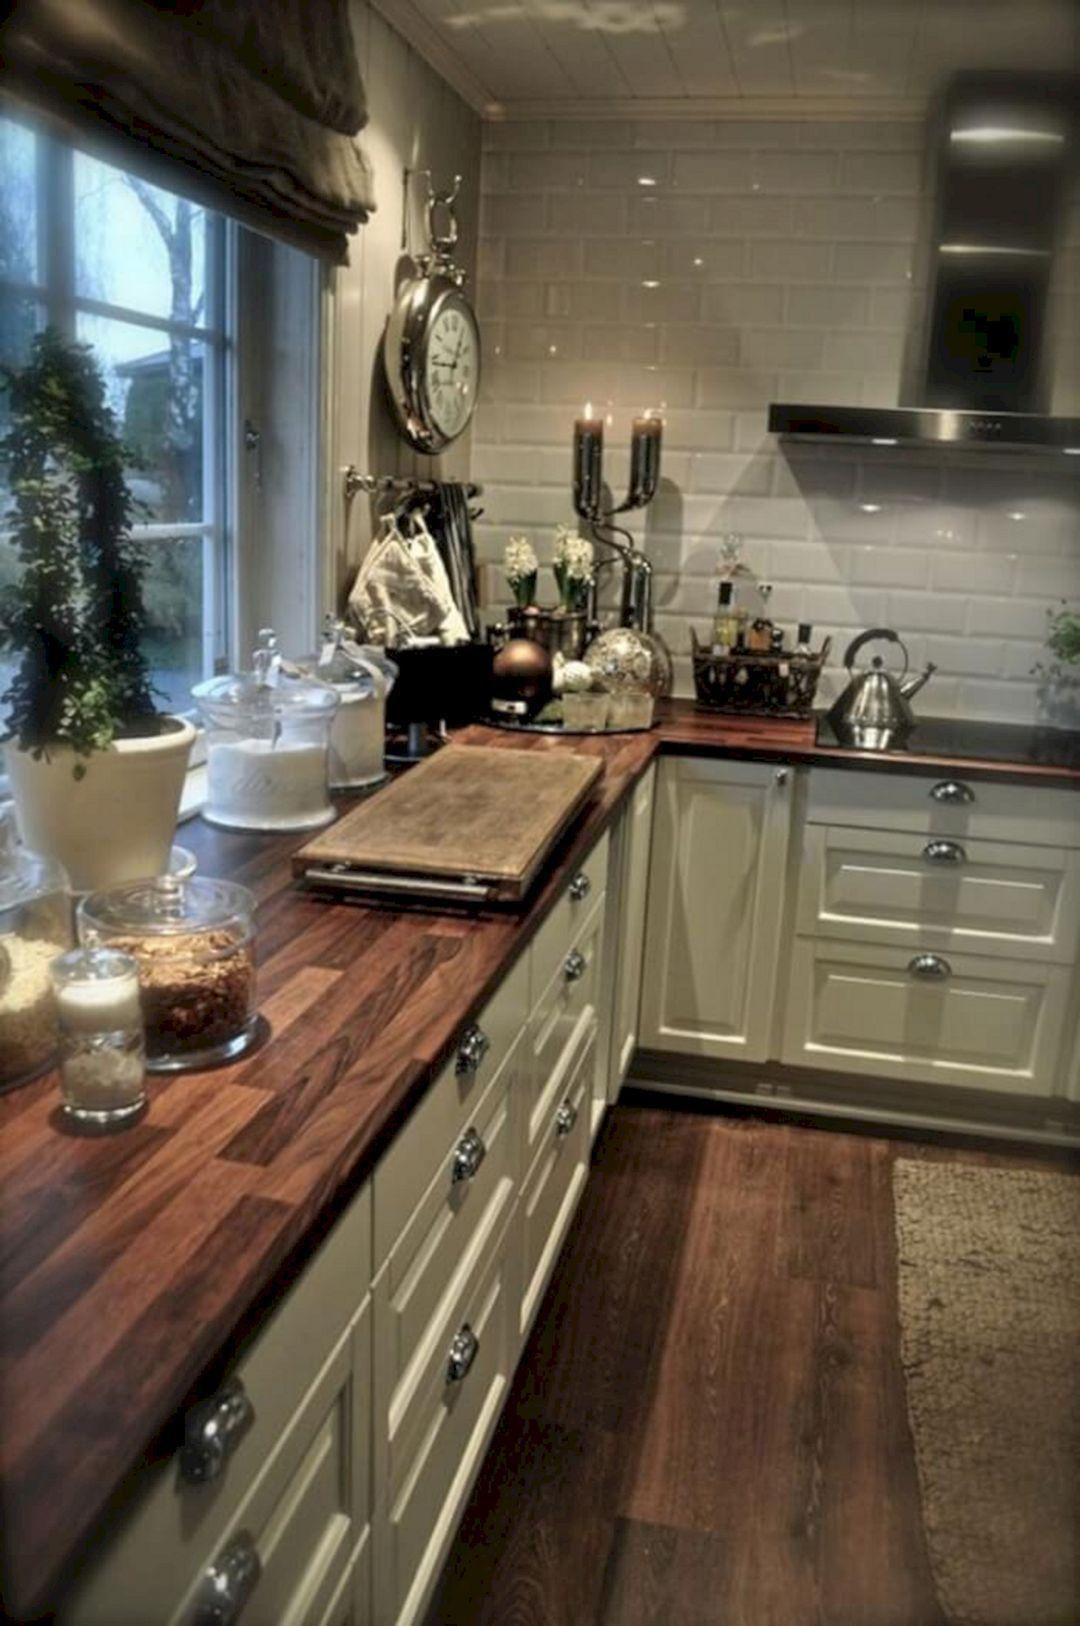 über küchenschrank ideen zu dekorieren pin von lara je auf einrichtung  pinterest  haus küchen ideen und